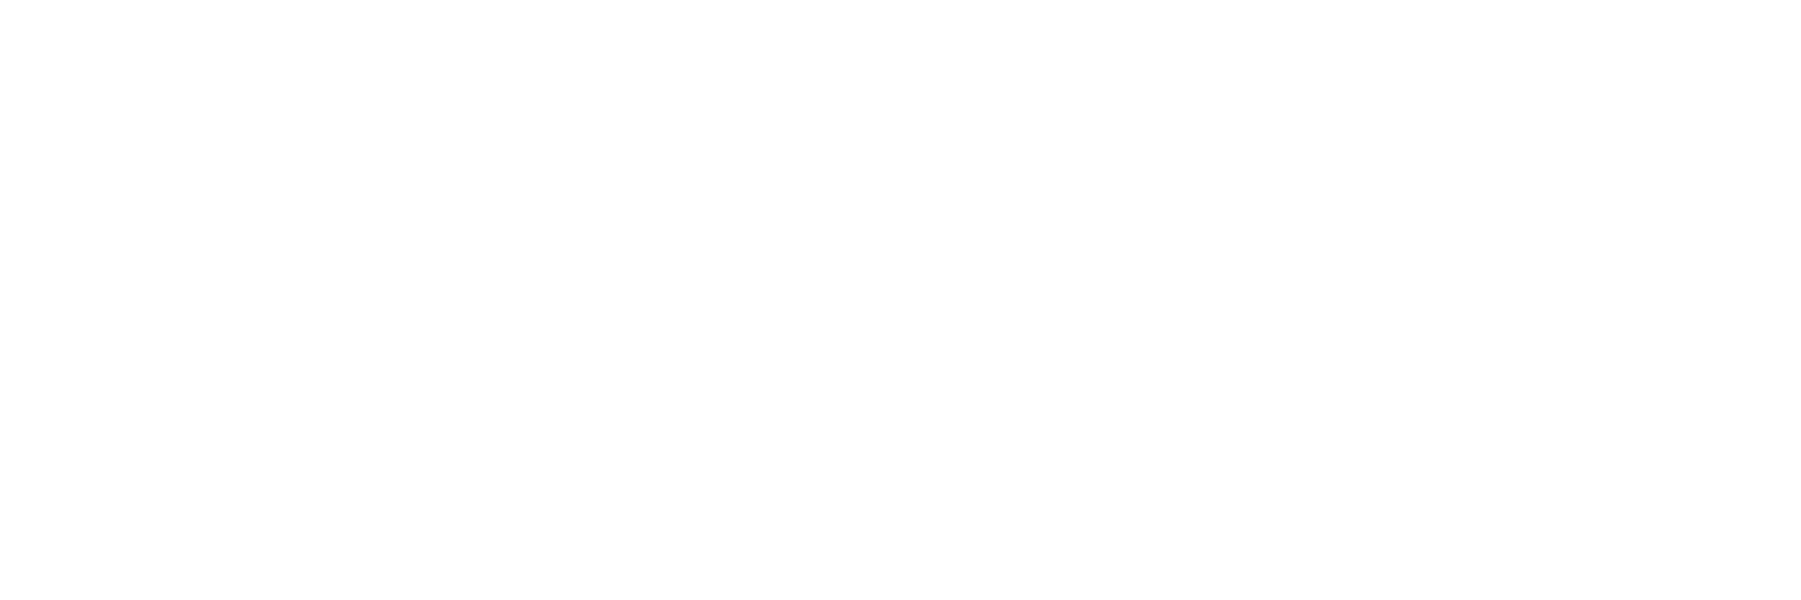 Nimia-white_2.png